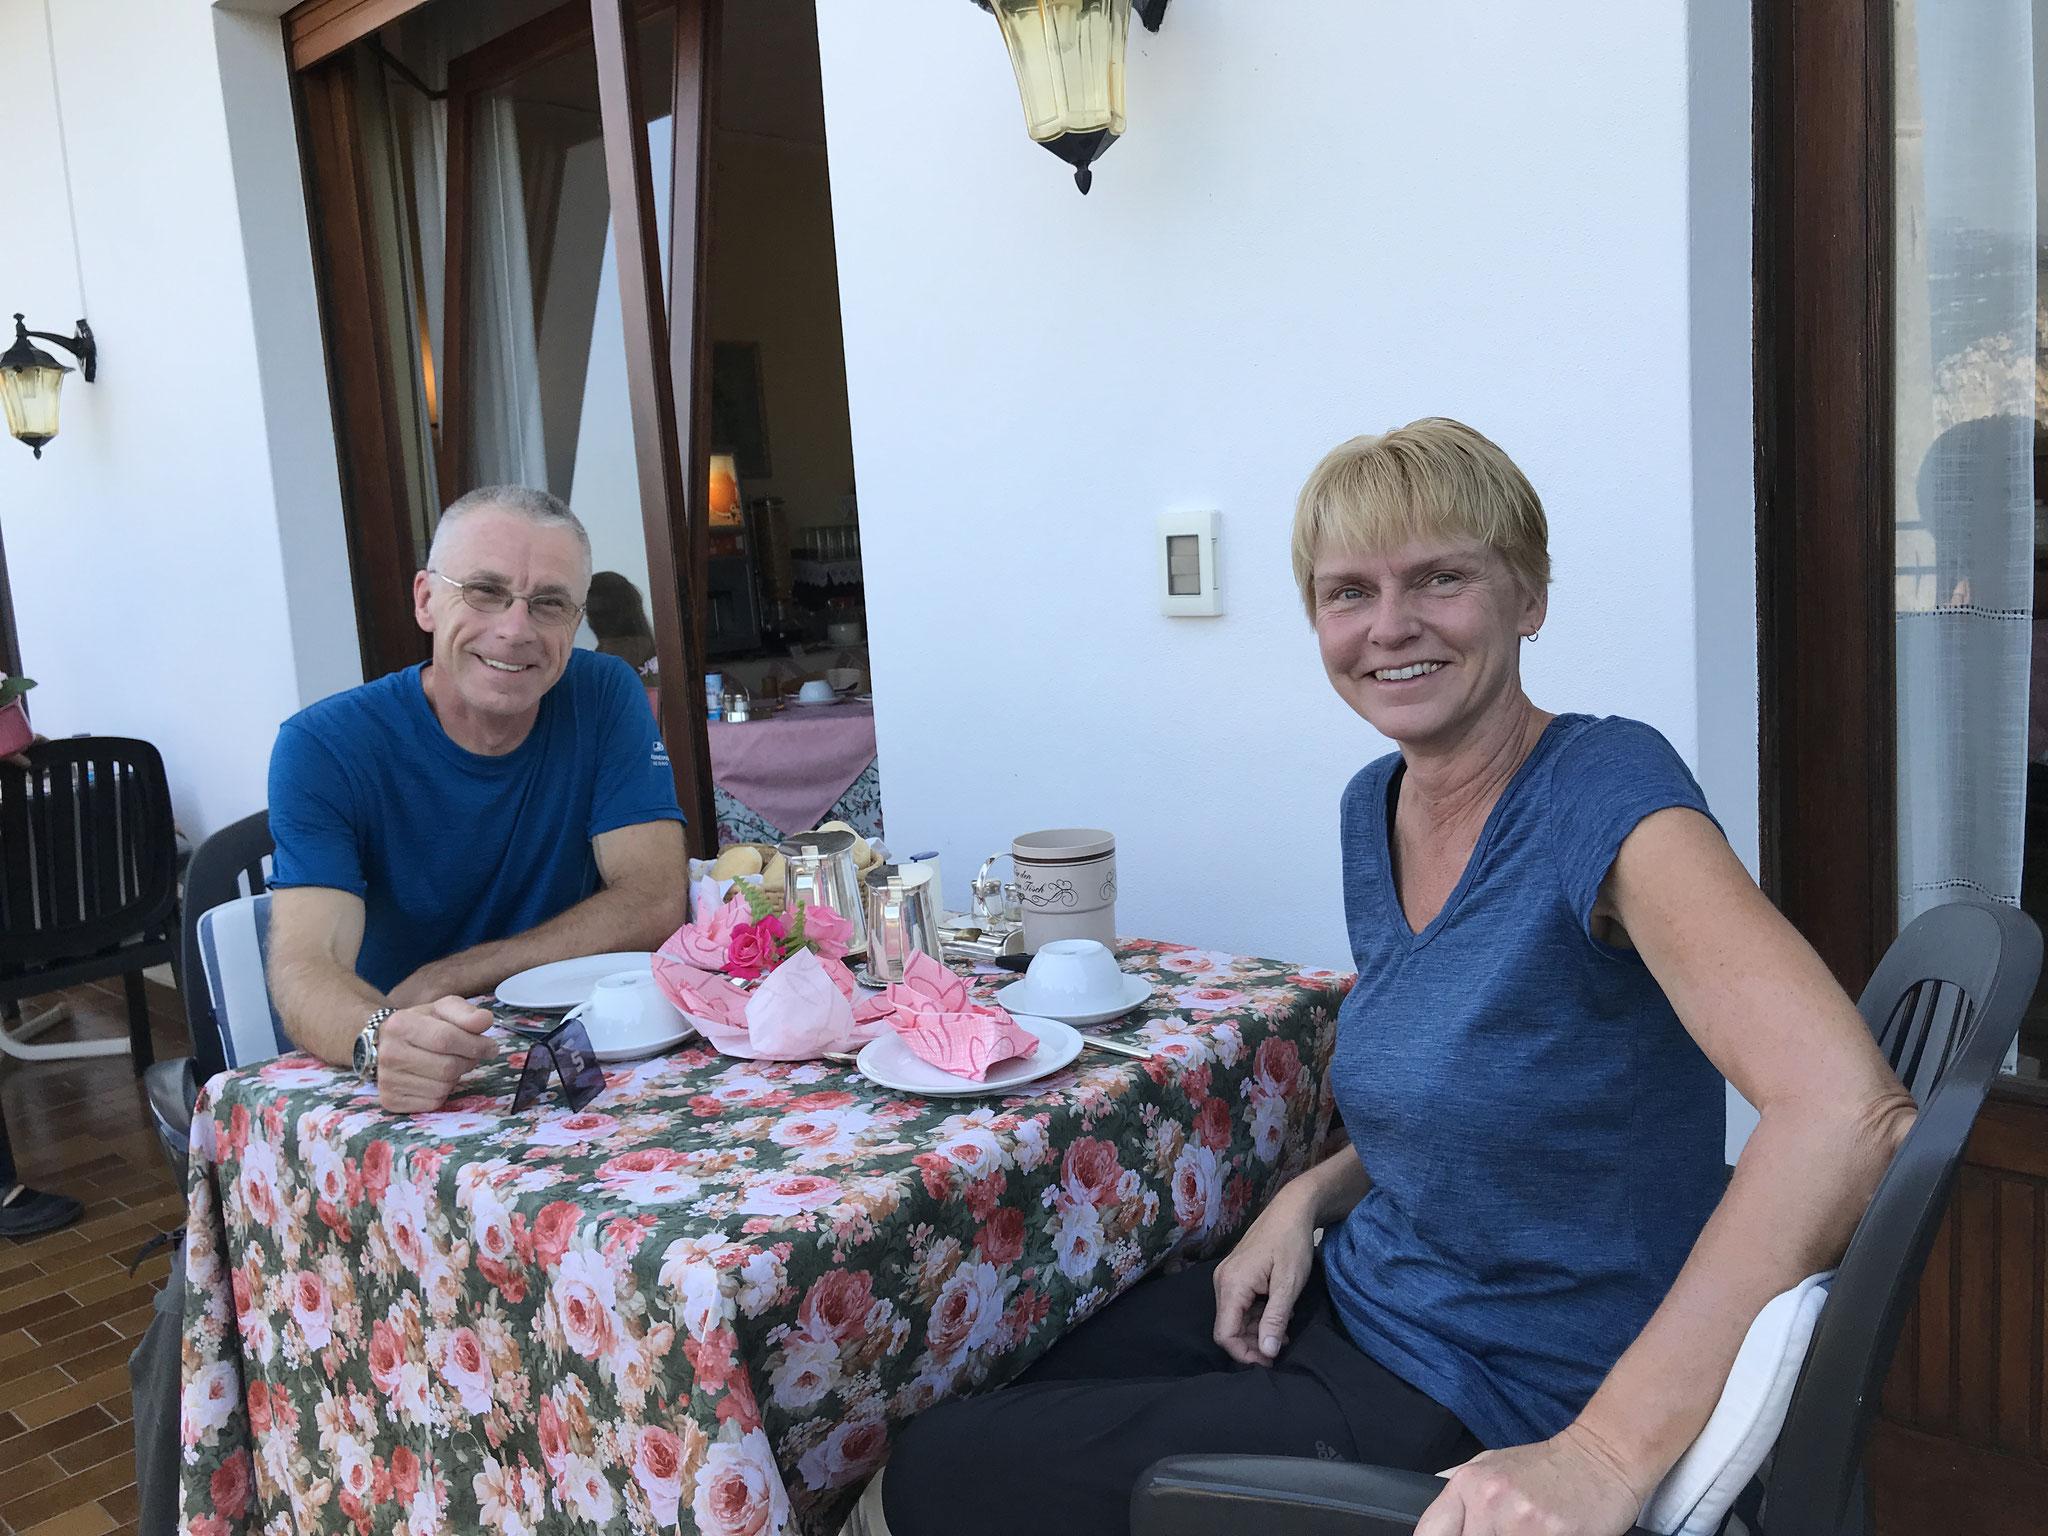 Frühstück bei Renate auf der Terrasse der Villa Alba. wie immer ein Traum!! Dank' Dir fürs Foto, liebe Rosi.